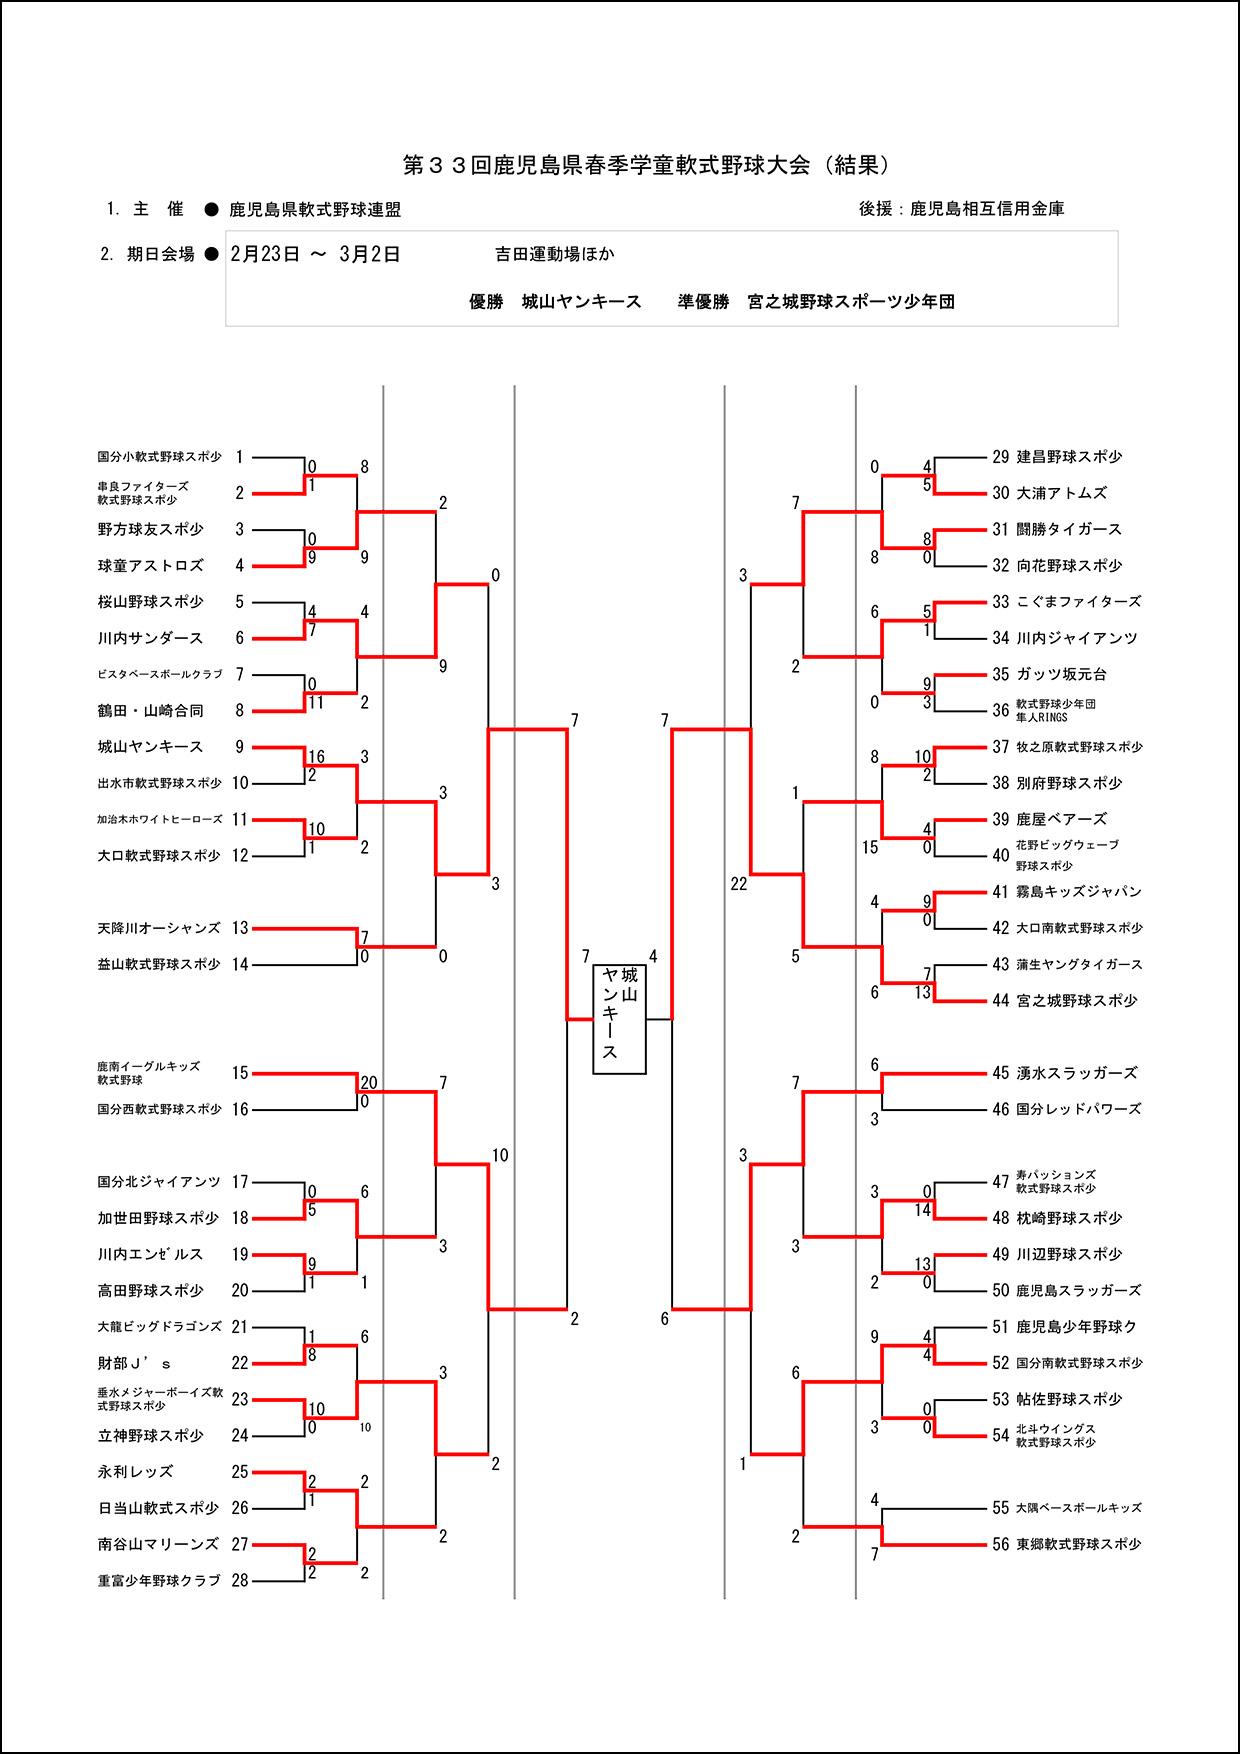 【3日目結果】第33回鹿児島県春季学童軟式野球大会